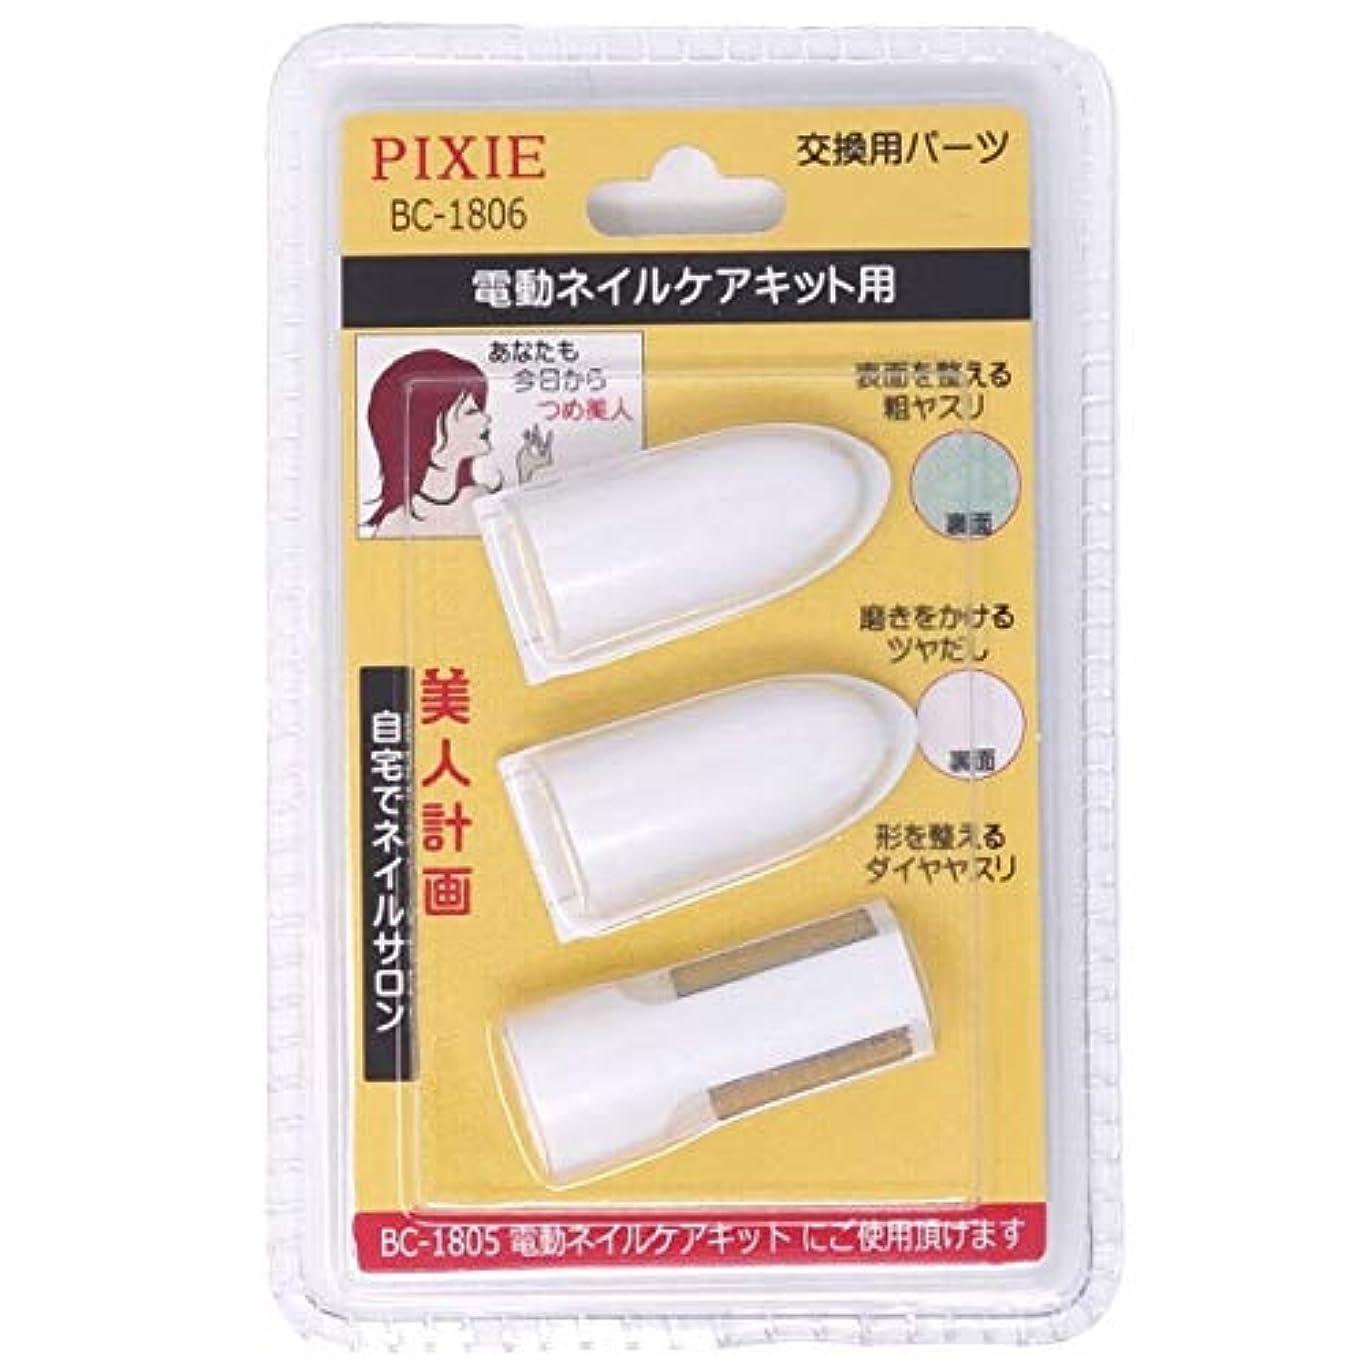 憂鬱拘束するのり爪美人 電動ネイルケアキット用 交換パーツセット PIXIE BC-1807